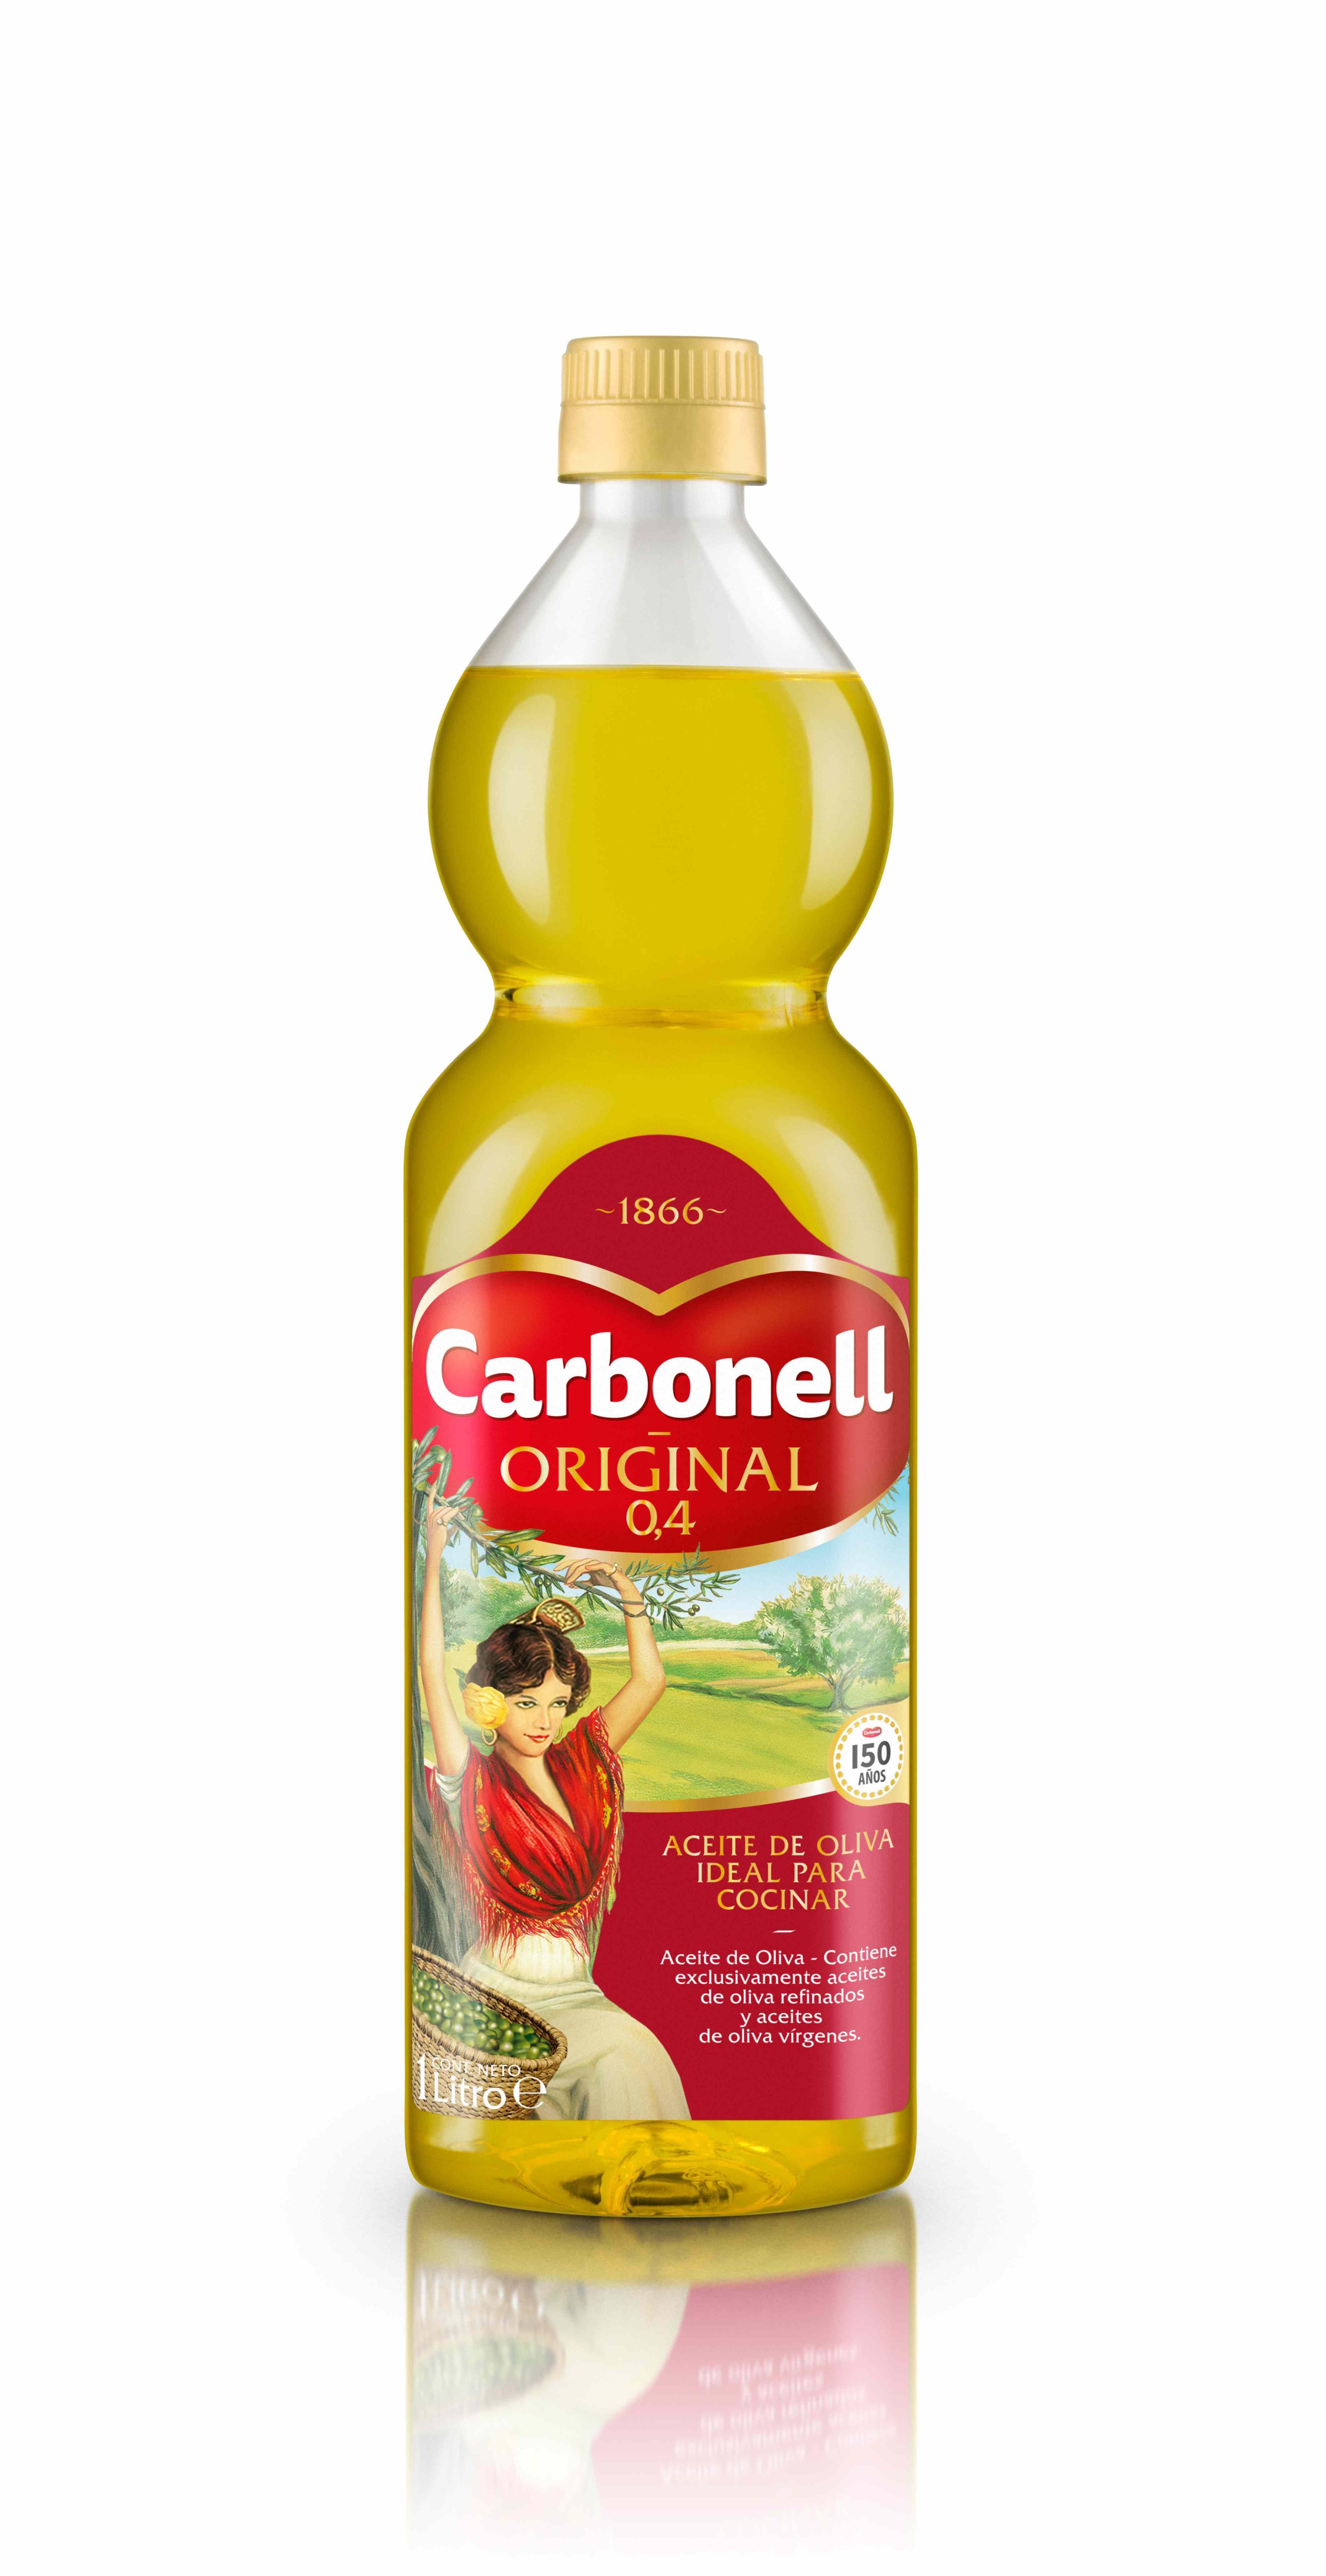 nueva-botella-carbonell-original-04